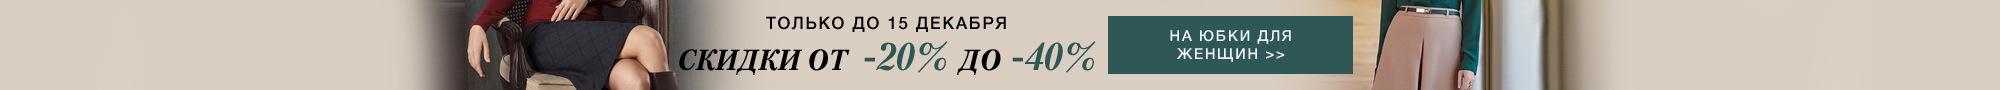 Скидки от -20% до -40% на Женские юбки